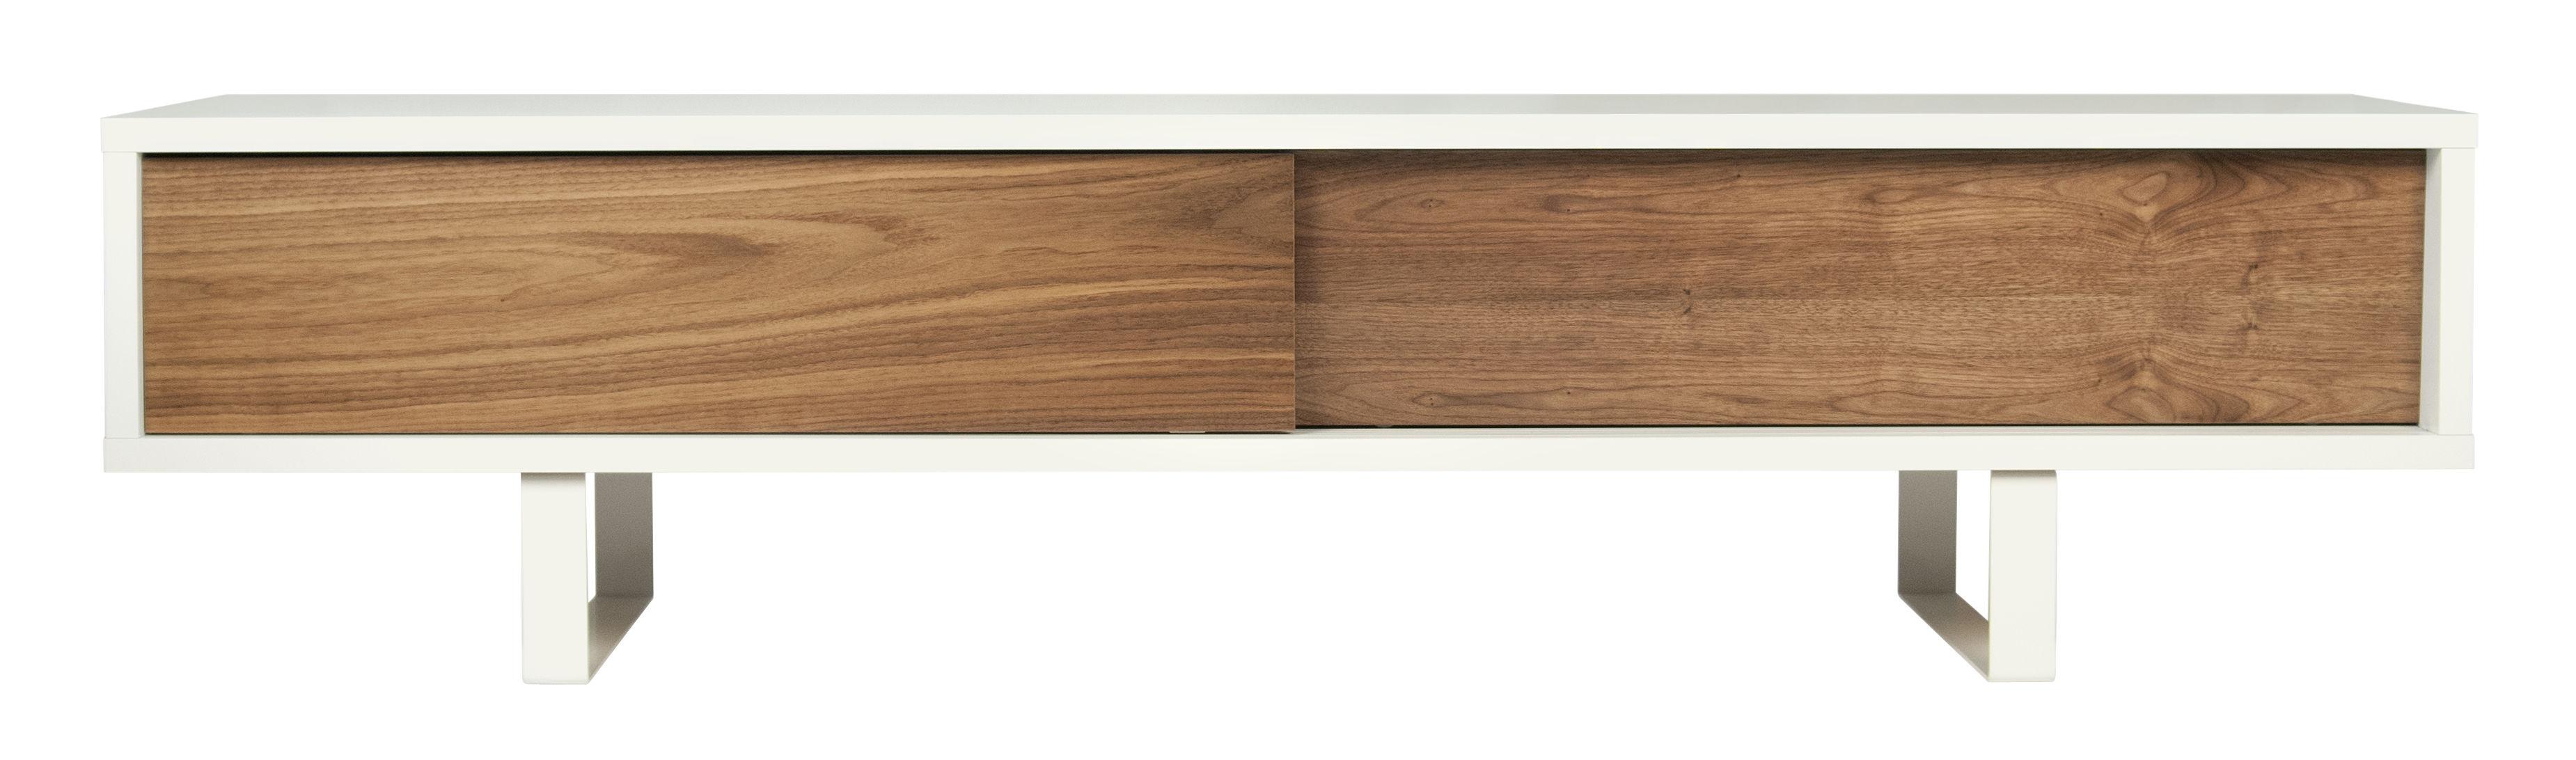 Möbel - TV-Möbel - Bridge TV Möbel / L 198 cm - POP UP HOME - Weiß / Nussbaum - lackierter Stahl, Nussbaum-Furnier, Spanplatte, bemalt